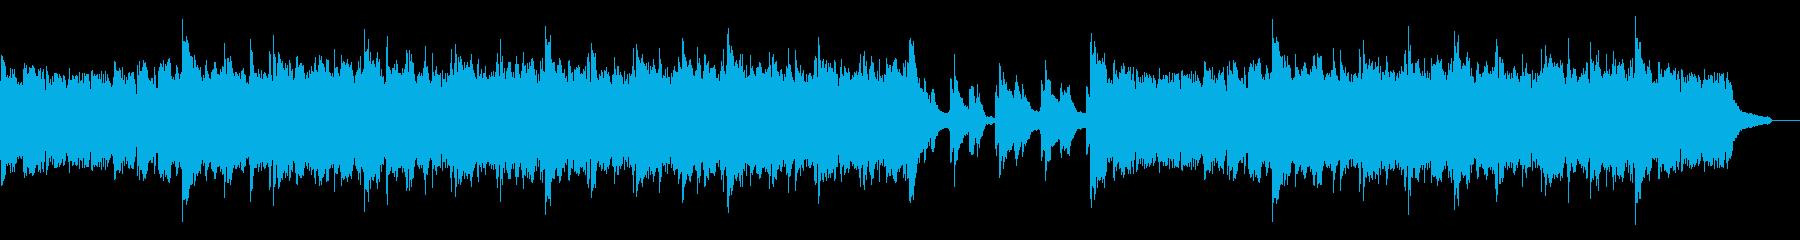 雄大なピアノアルペジオ:ピアノと小編成の再生済みの波形